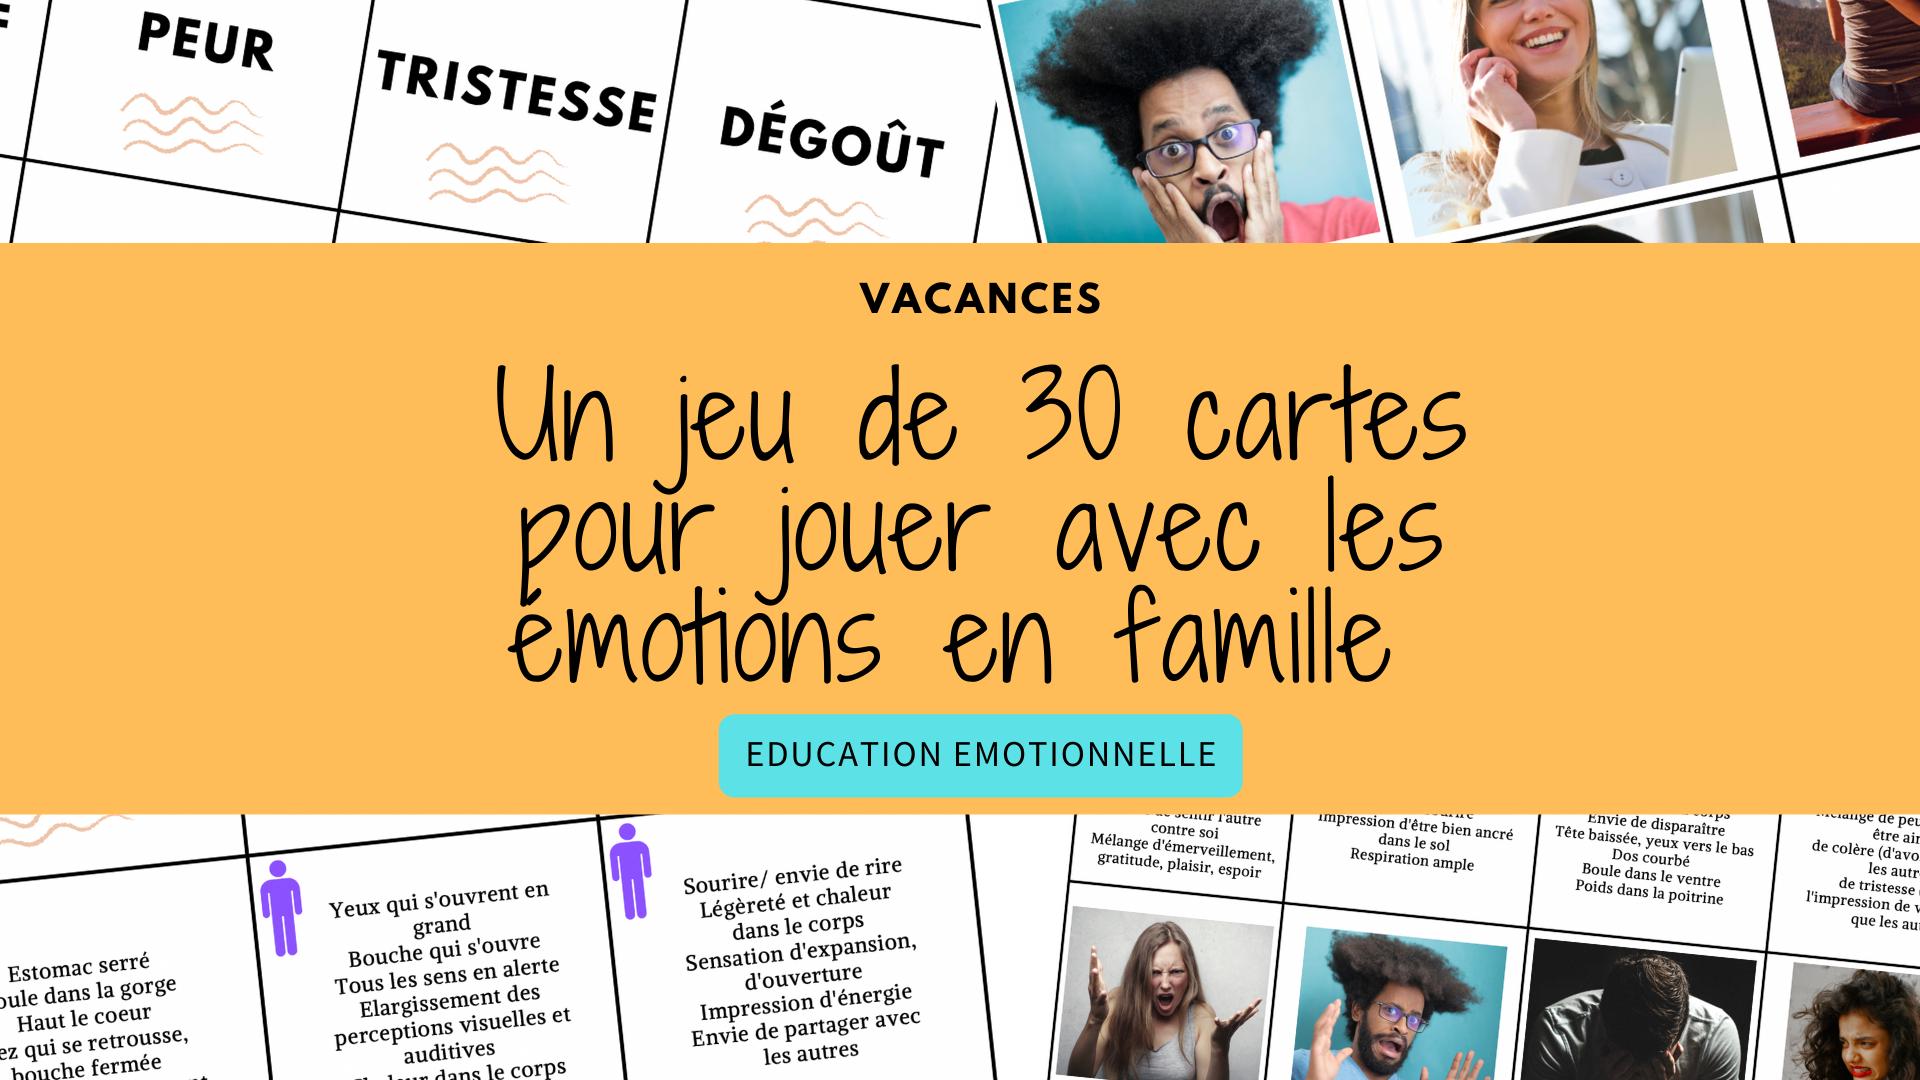 Un jeu de 30 cartes pour jouer avec les émotions en famille